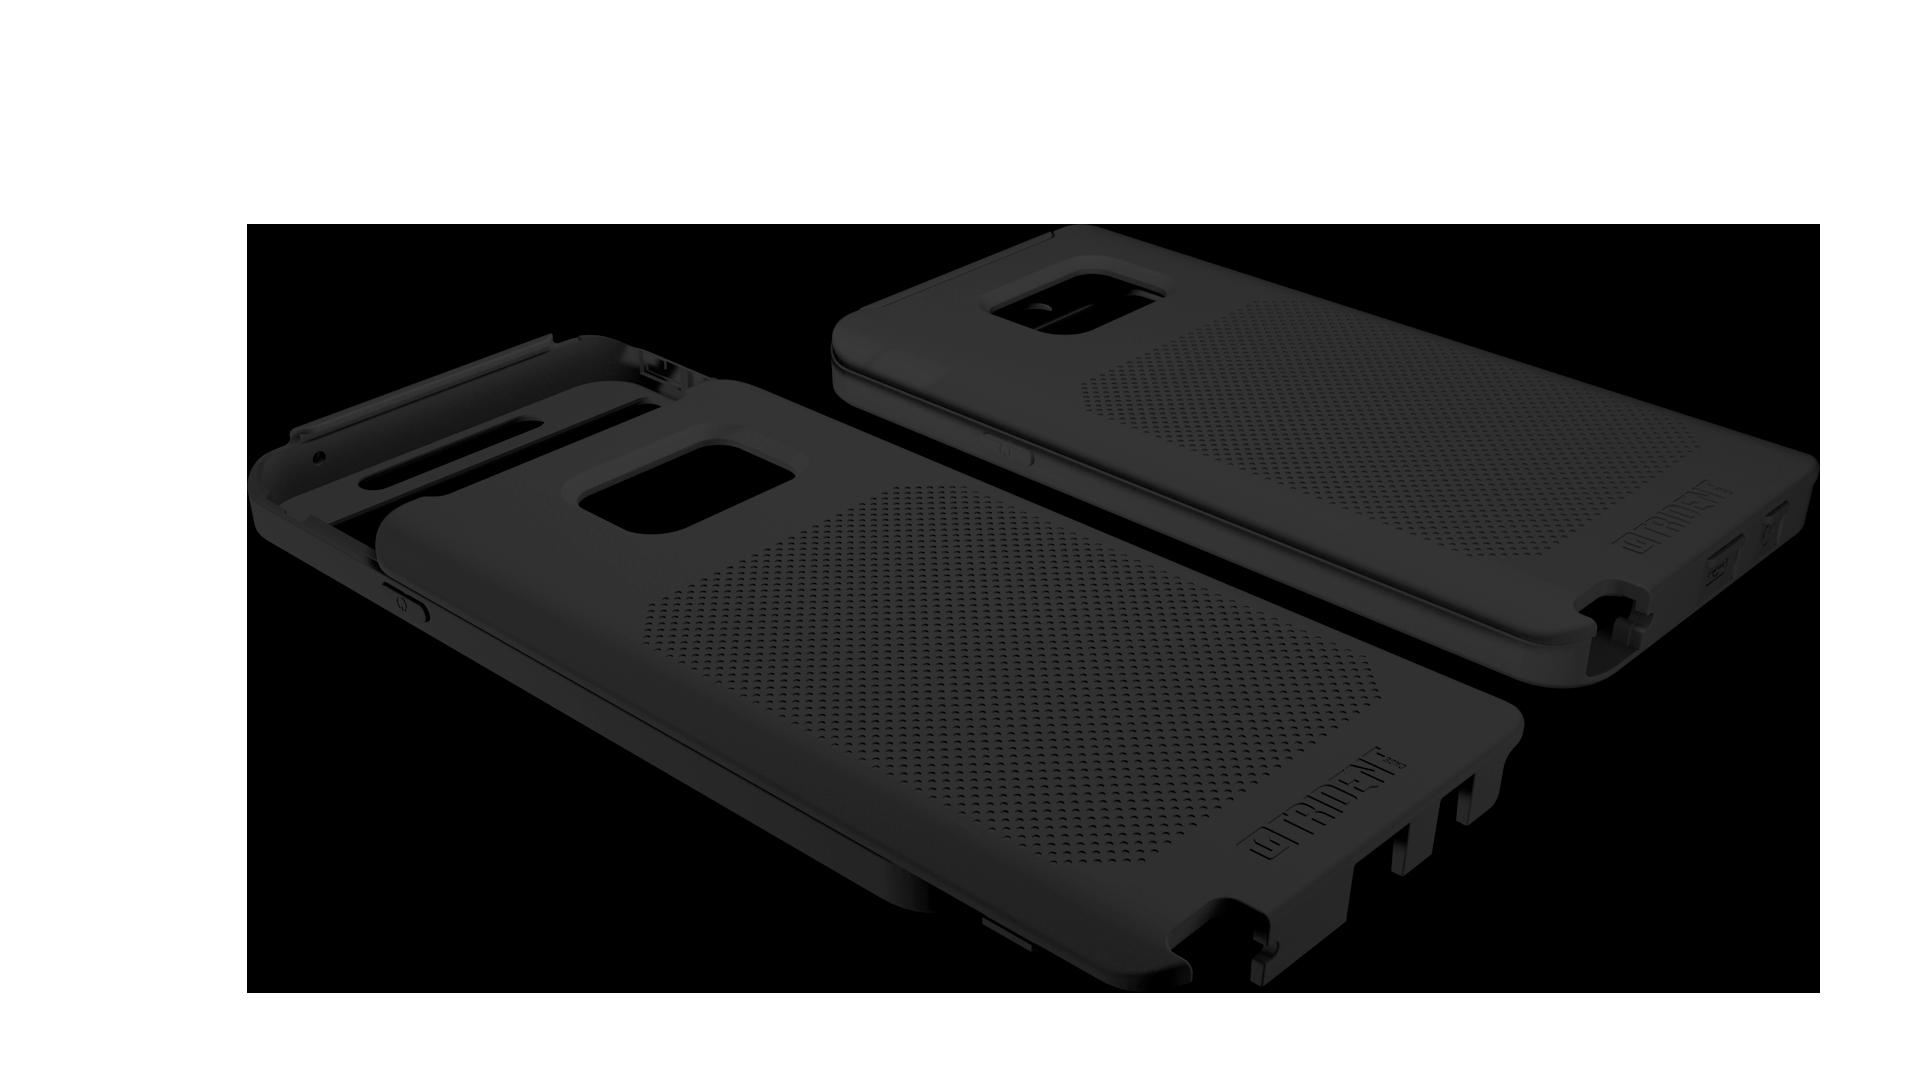 AEGIS-PRO-DUO-BK-01